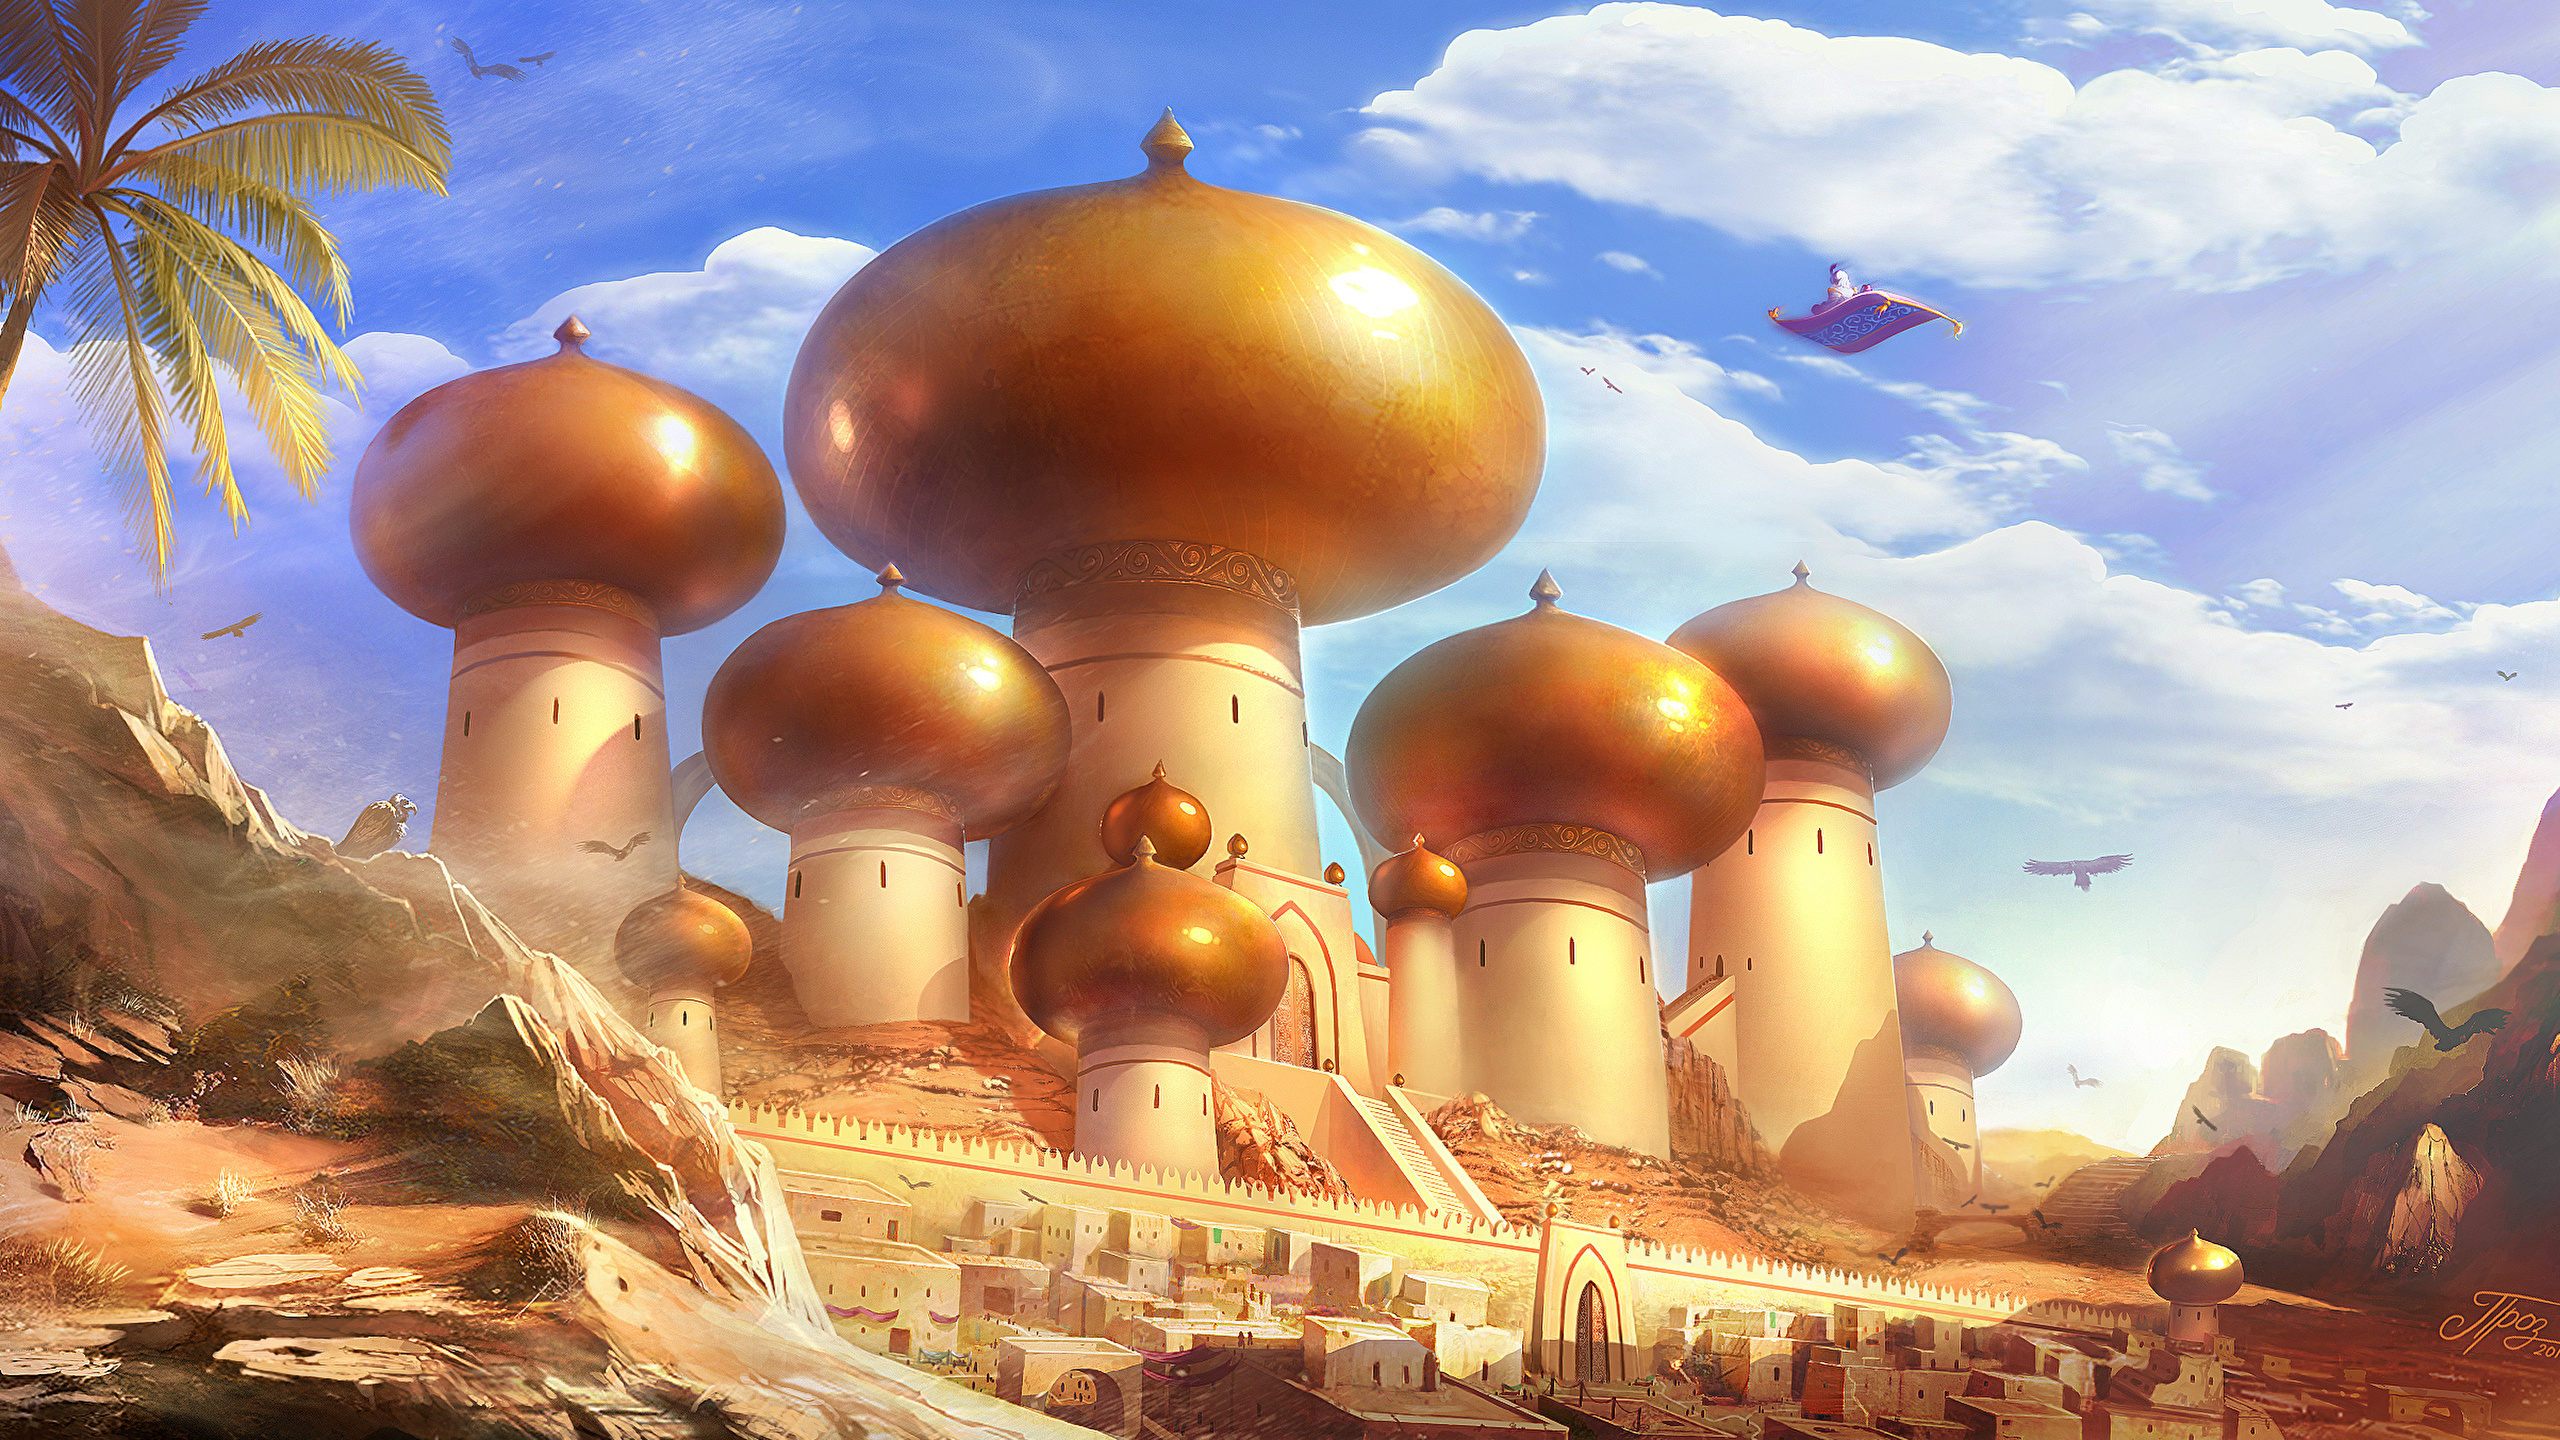 壁紙 2560x1440 アラジン The Magic Carpet 漫画 ダウンロード 写真